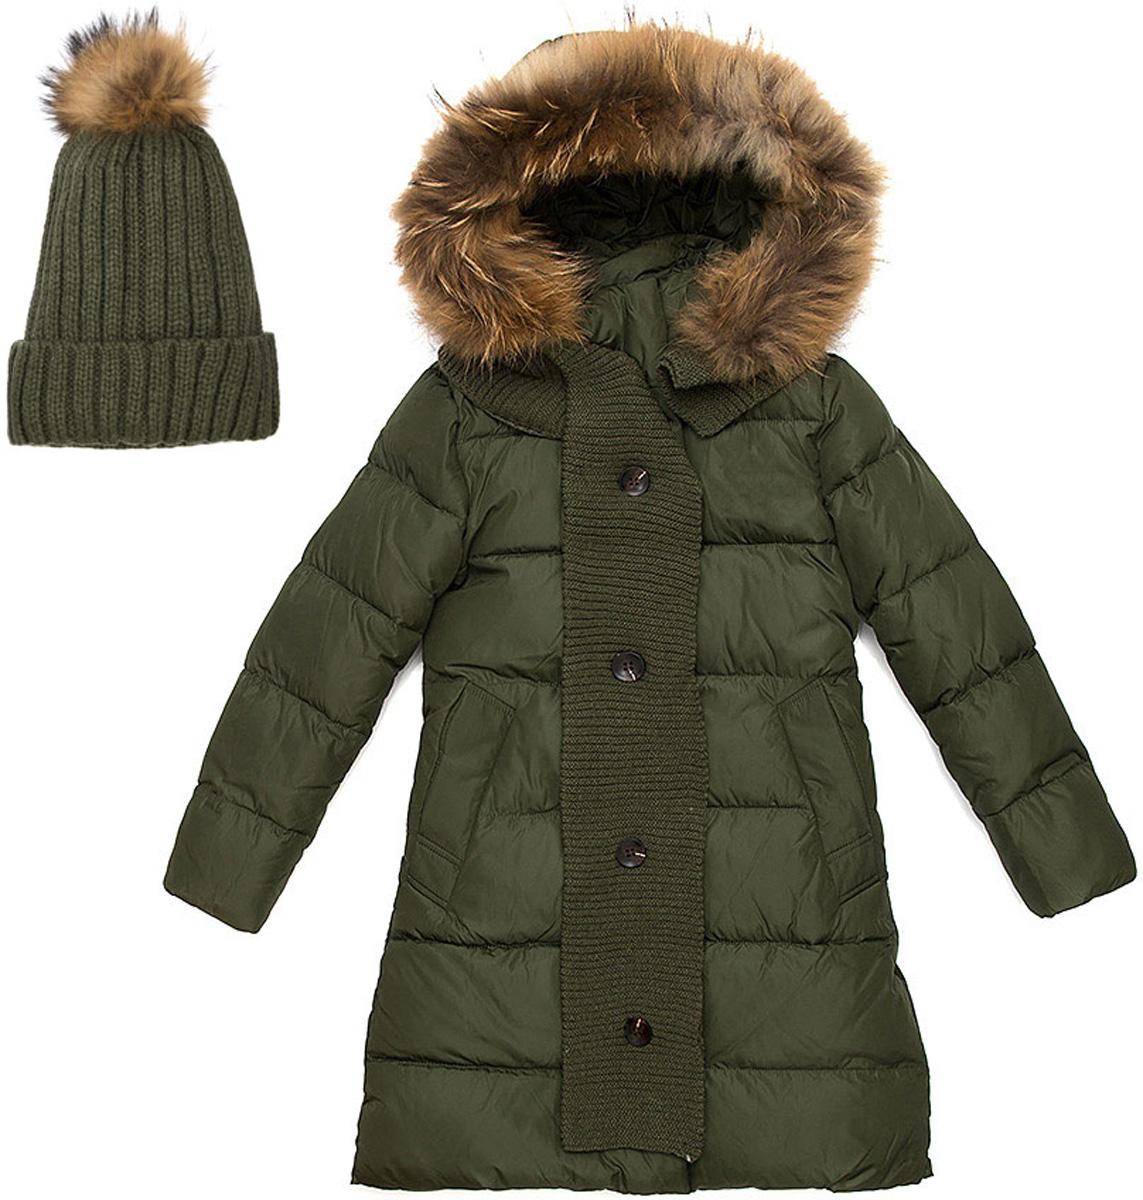 Комплект верхней одежды для девочки Vitacci: куртка, шапка, шарф, цвет: хаки. 2171458-22. Размер 1302171458-22Теплый комплект для девочки Vitacci идеально подойдет для ребенка в холодное время года. Комплект состоит из куртки, шапки и шарфа.Удлиненная куртка, изготовленная из полиэстера, станет стильнымдополнением к детскому гардеробу.Подкладка выполнена из полиэстера и дополнительно утеплена флисом по спинке. В качестве наполнителя используется биопух.Модель застегивается на застежку-молнию и имеет съемный капюшон с отделкой из натурального меха. Спереди расположены два кармана.Шапка с отворотом декорирована на макушке помпоном из натурального меха. Входящий в комплект шарф может служить дополнительно декором к куртке. Температурный режим от -10°С до -25°С.Теплая, удобная и практичная куртка идеально подойдет юной моднице для прогулок!